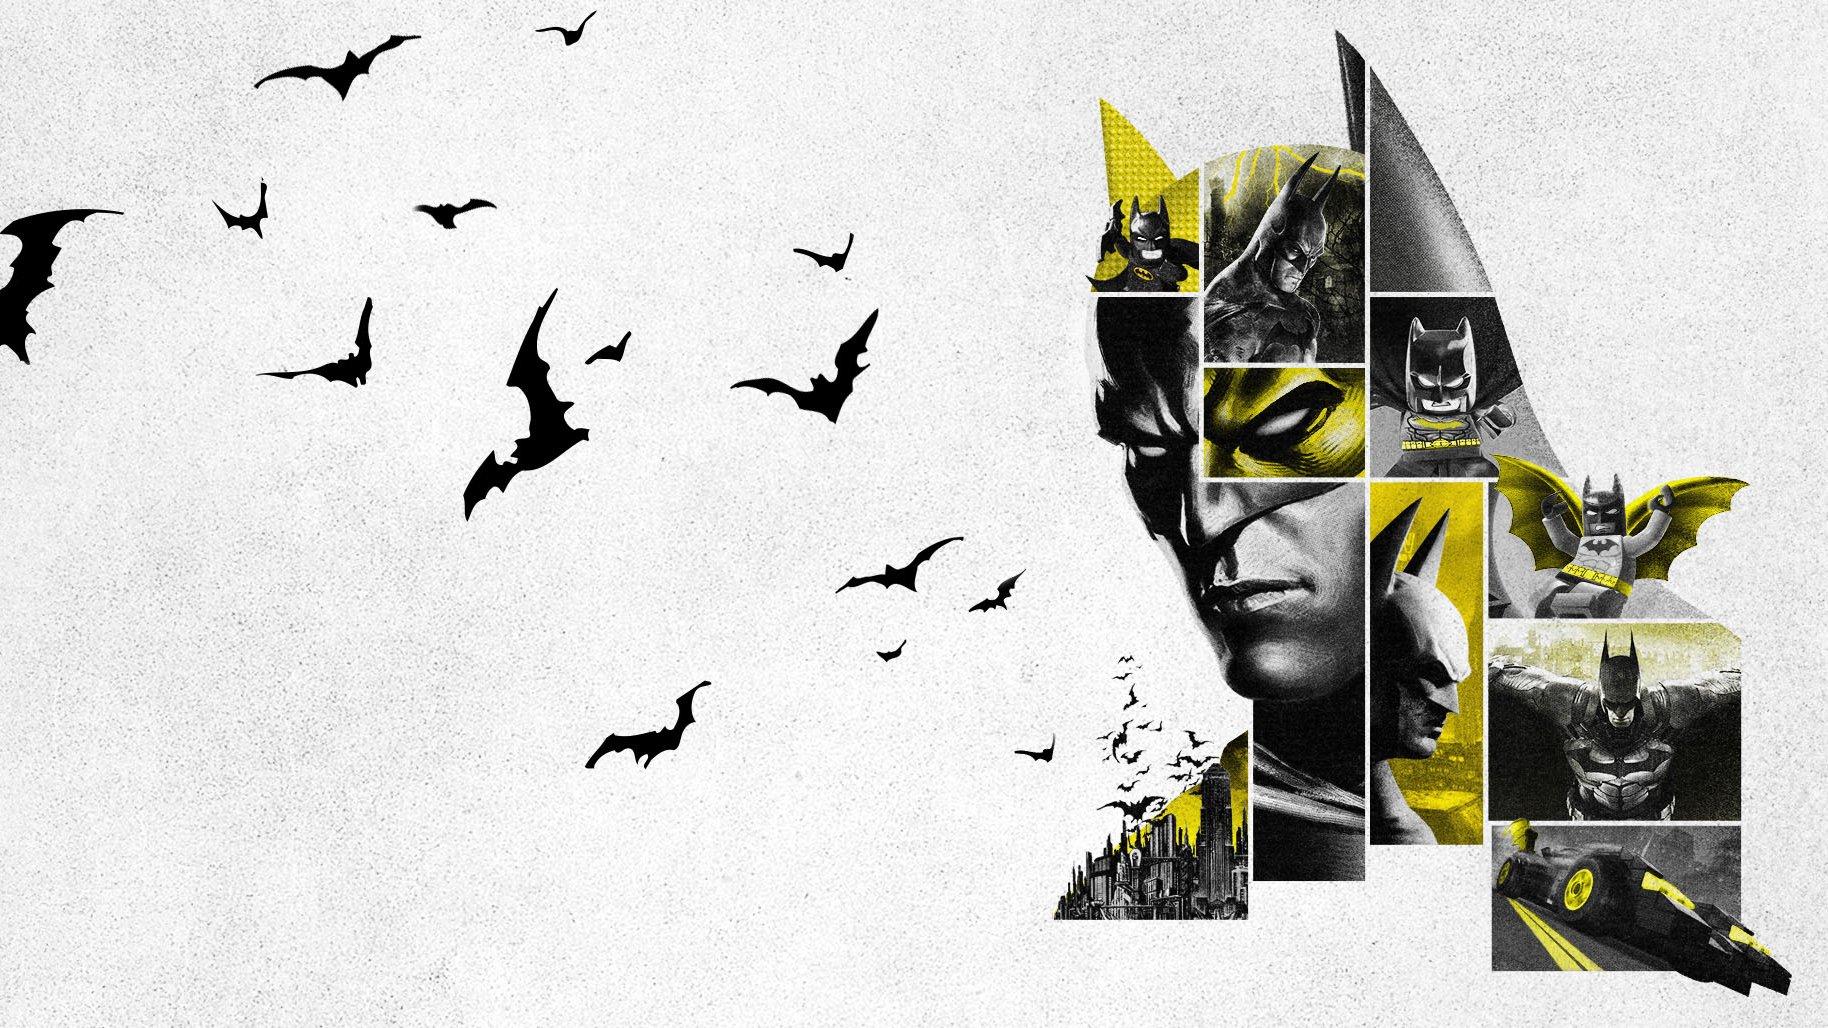 La semaine prochaine, le jeu gratuit Epic Games Store est une mystérieuse collection Batman